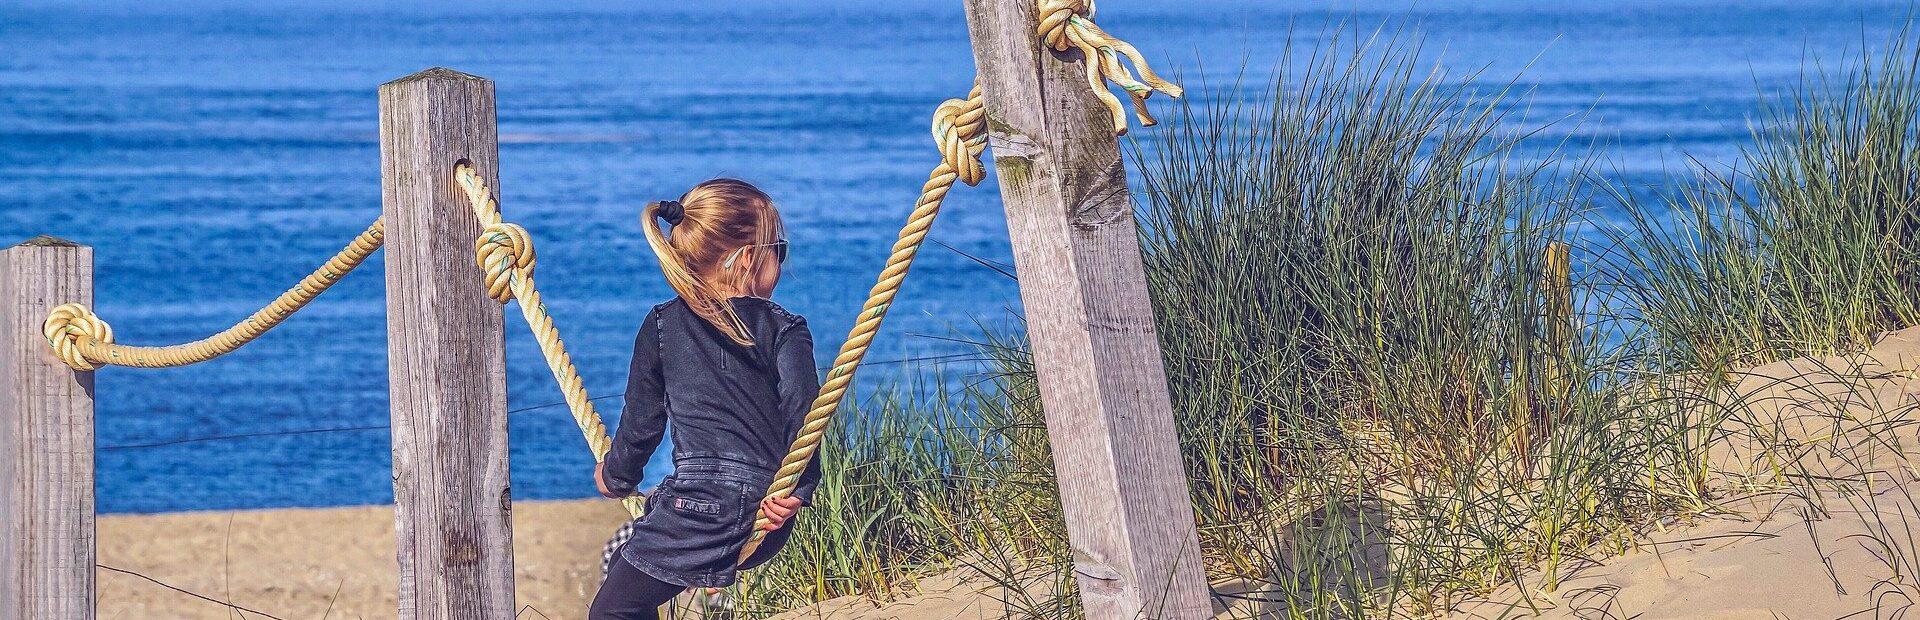 Atrakcje turystyczne dla dzieci na Półwyspie Helskim